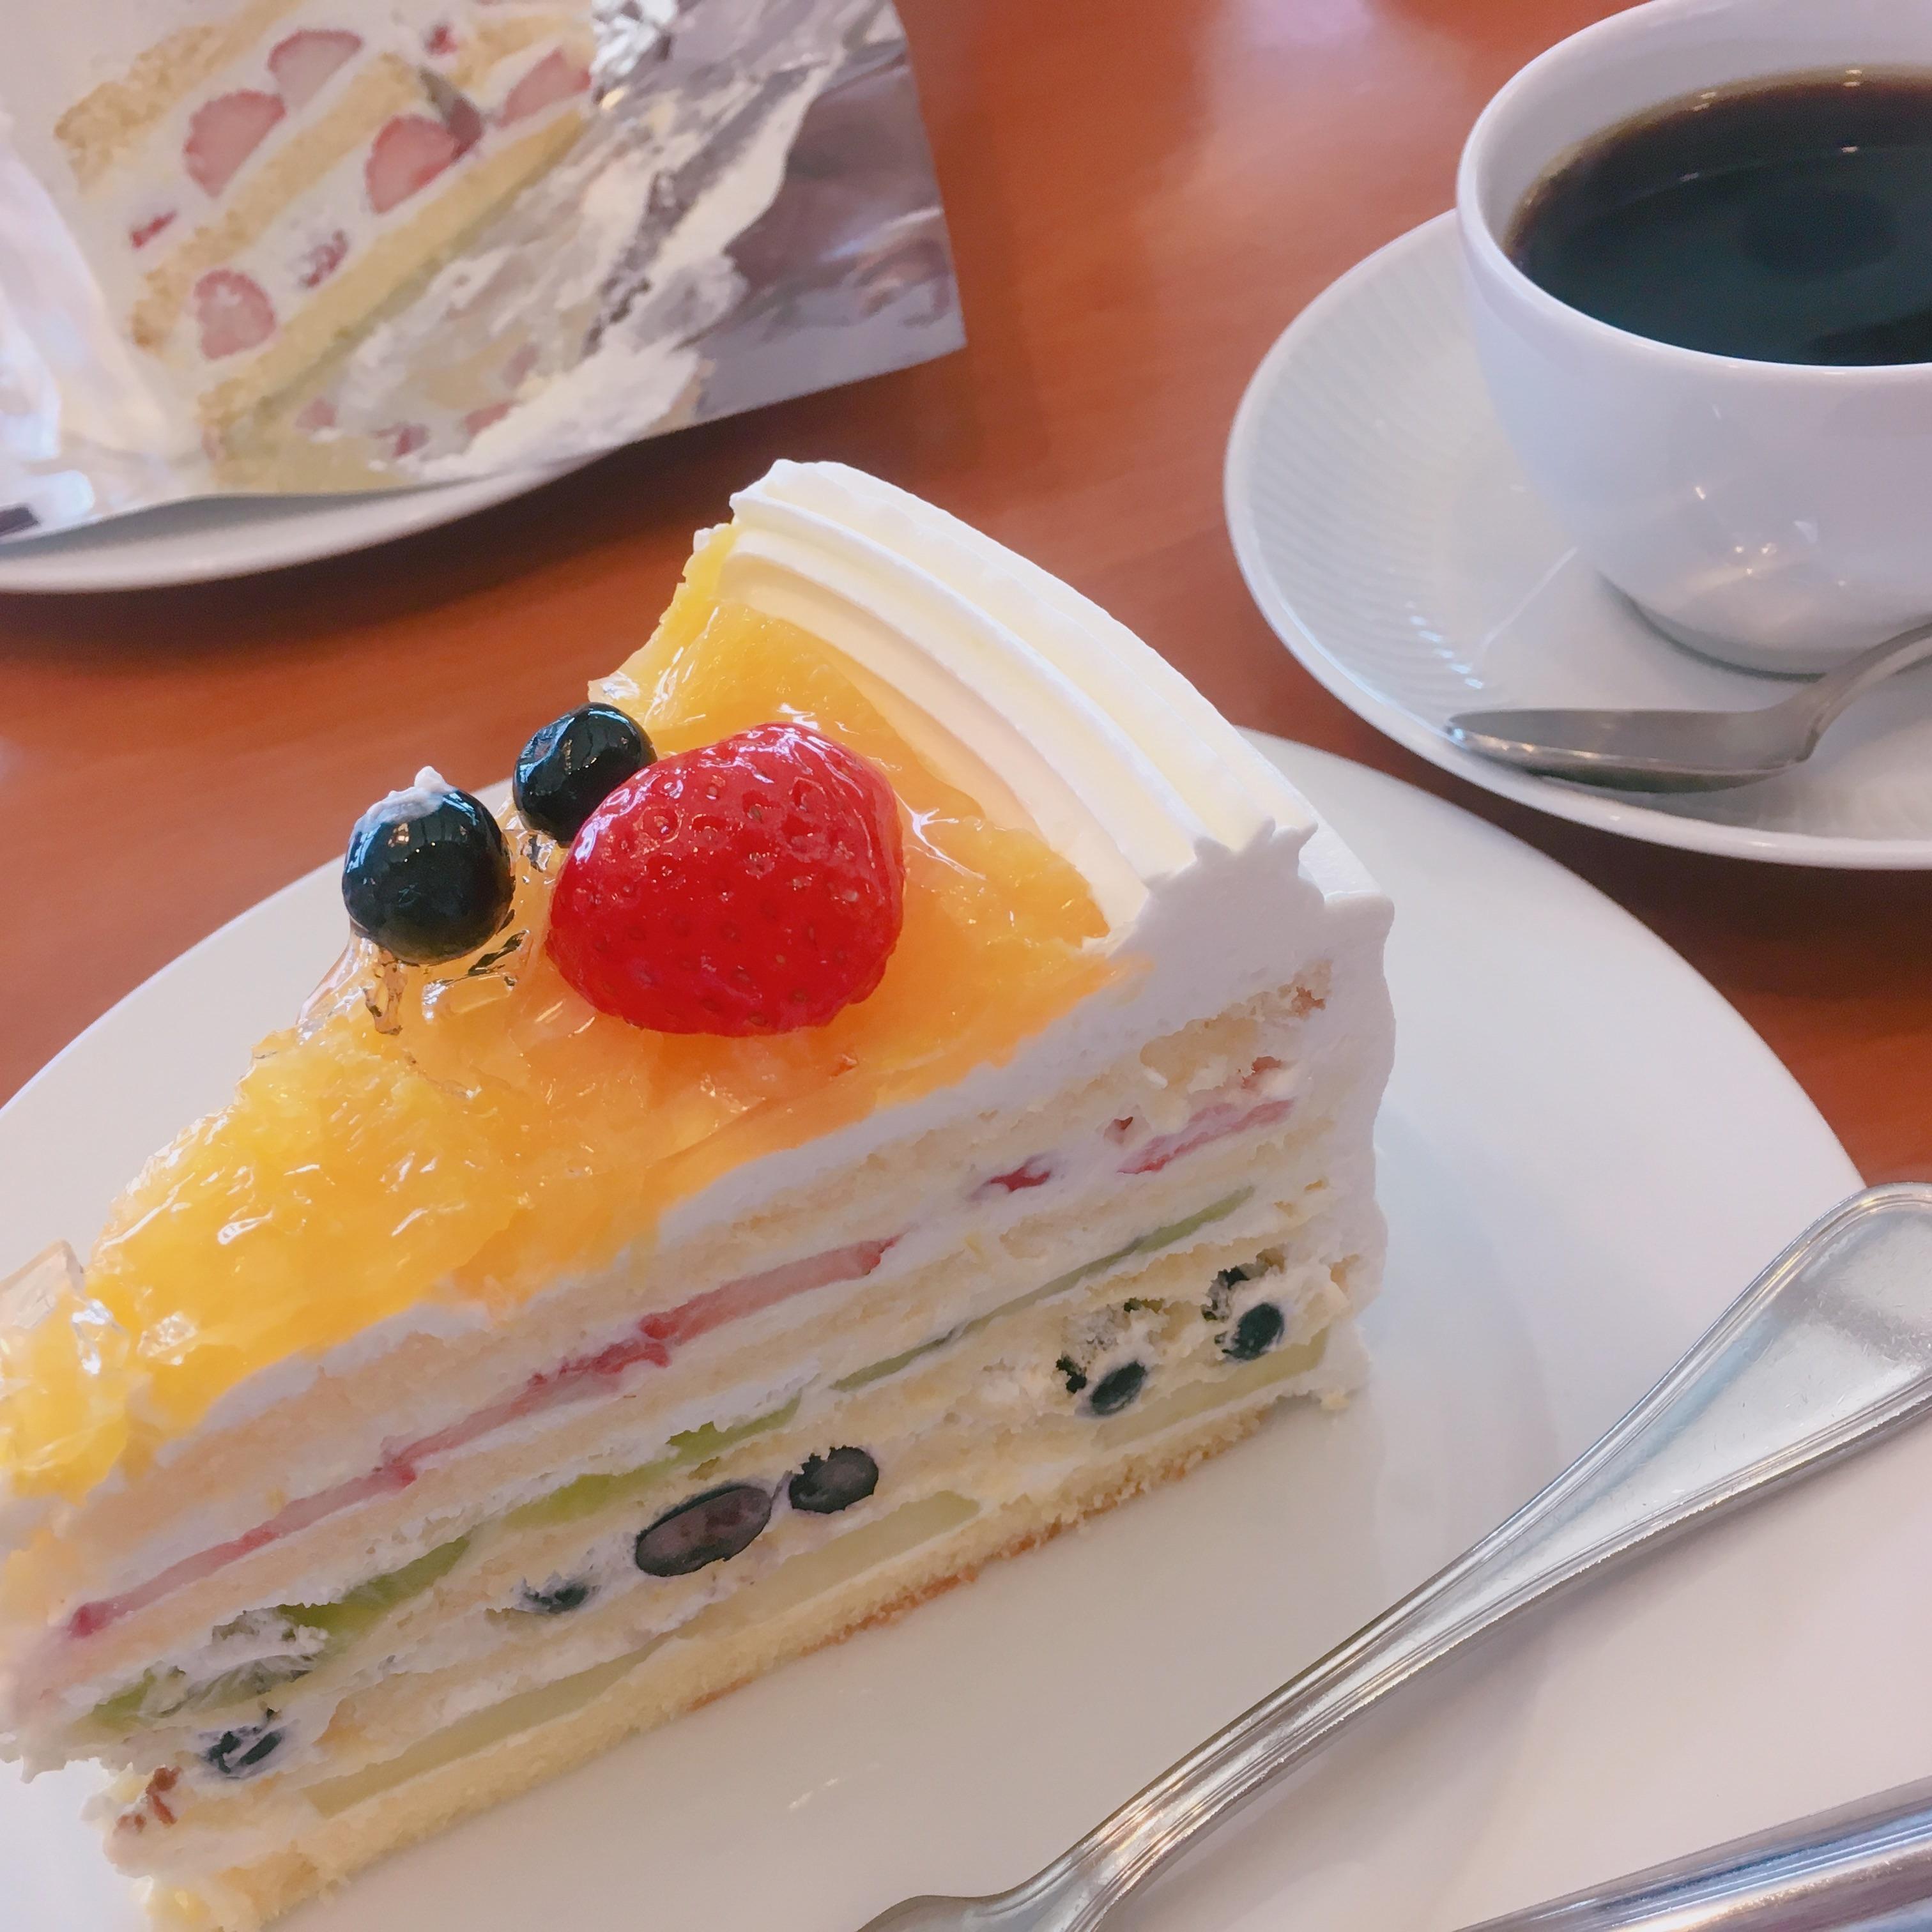 「いぇい」08/14(08/14) 17:57 | の写メ・風俗動画